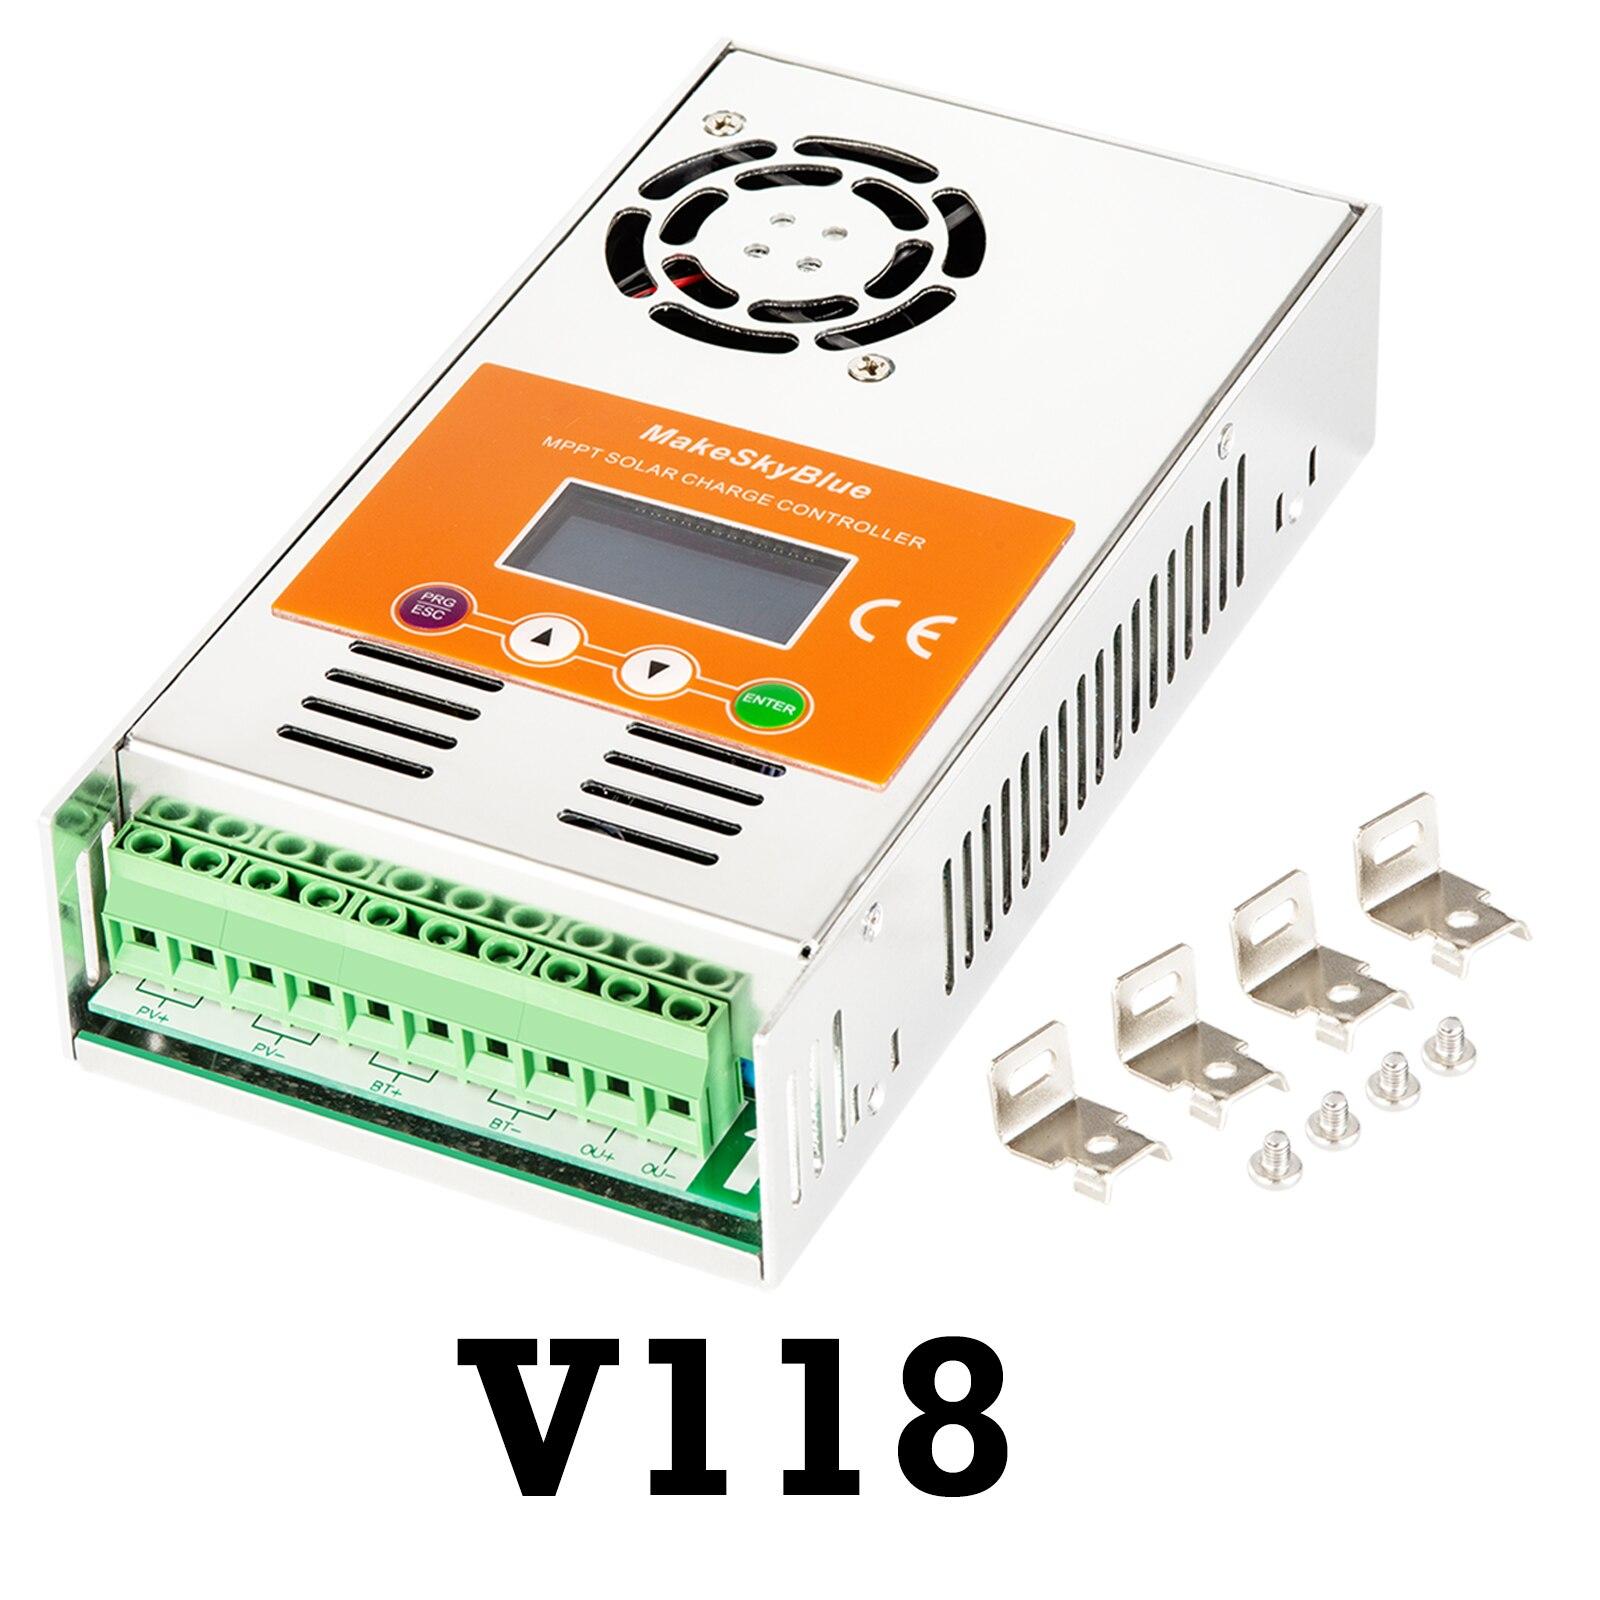 Makeskyblue mppt controlador de carga solar 30a 40a 50a 60a versão v118 display lcd para 12 v 24 v 36 v 48 v dc bateria mppt regulador